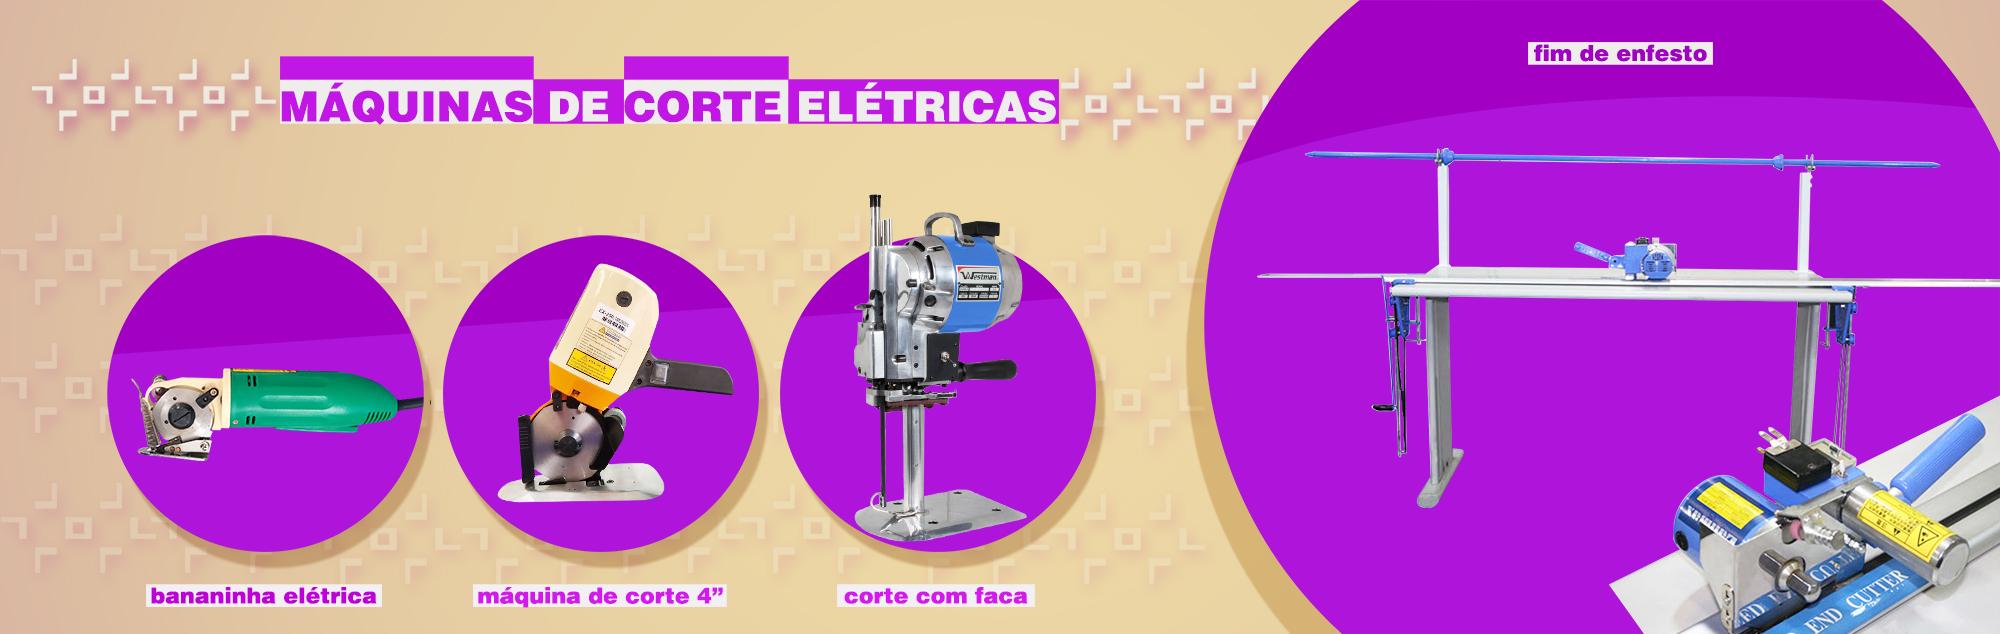 Banner Máquinas de Corte Elétricas